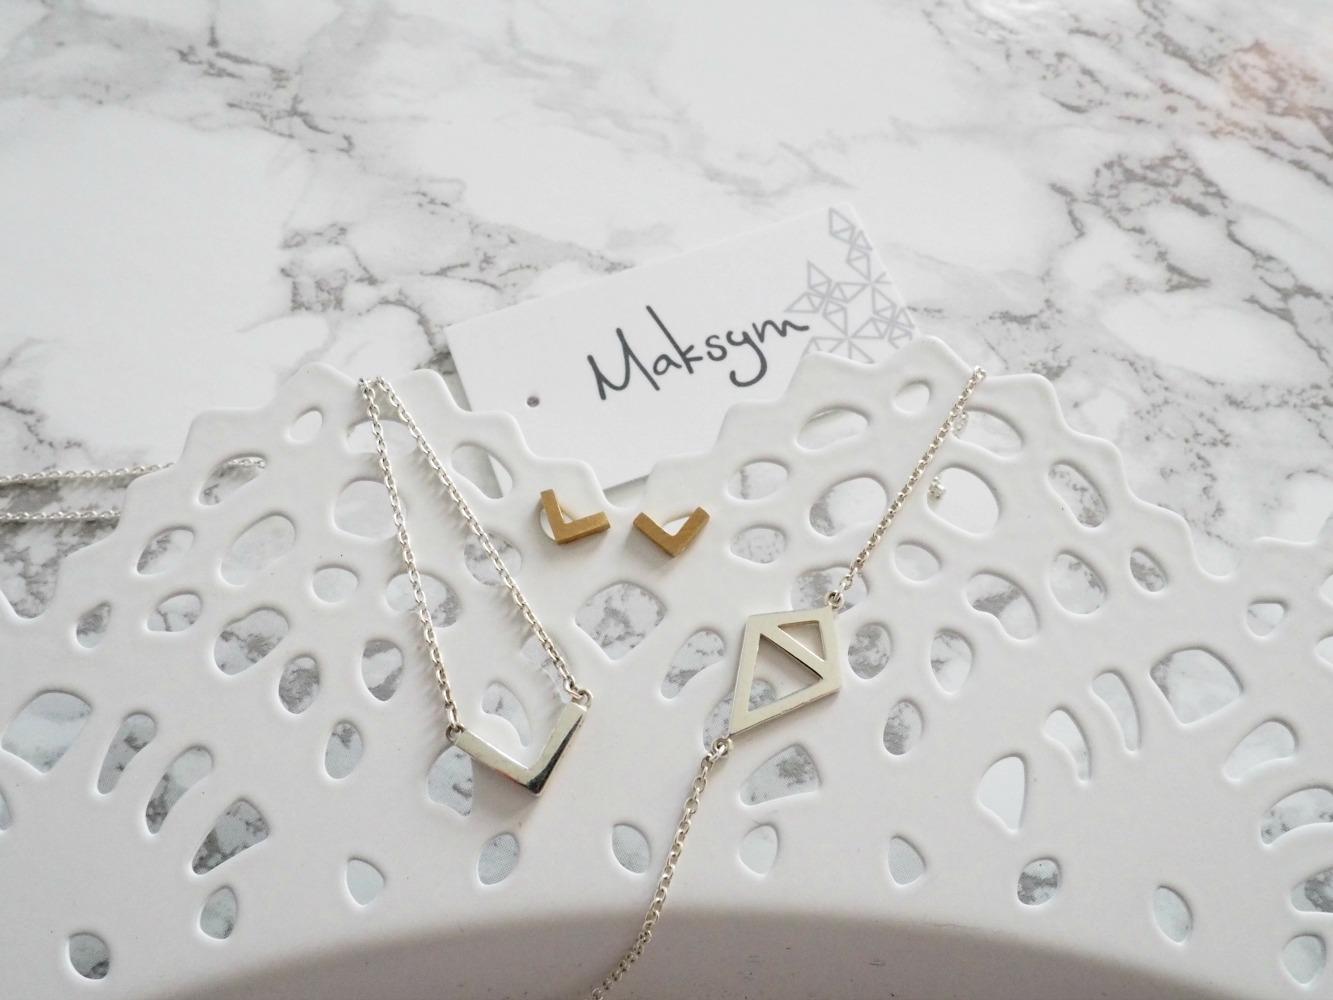 Maksym-jewelry